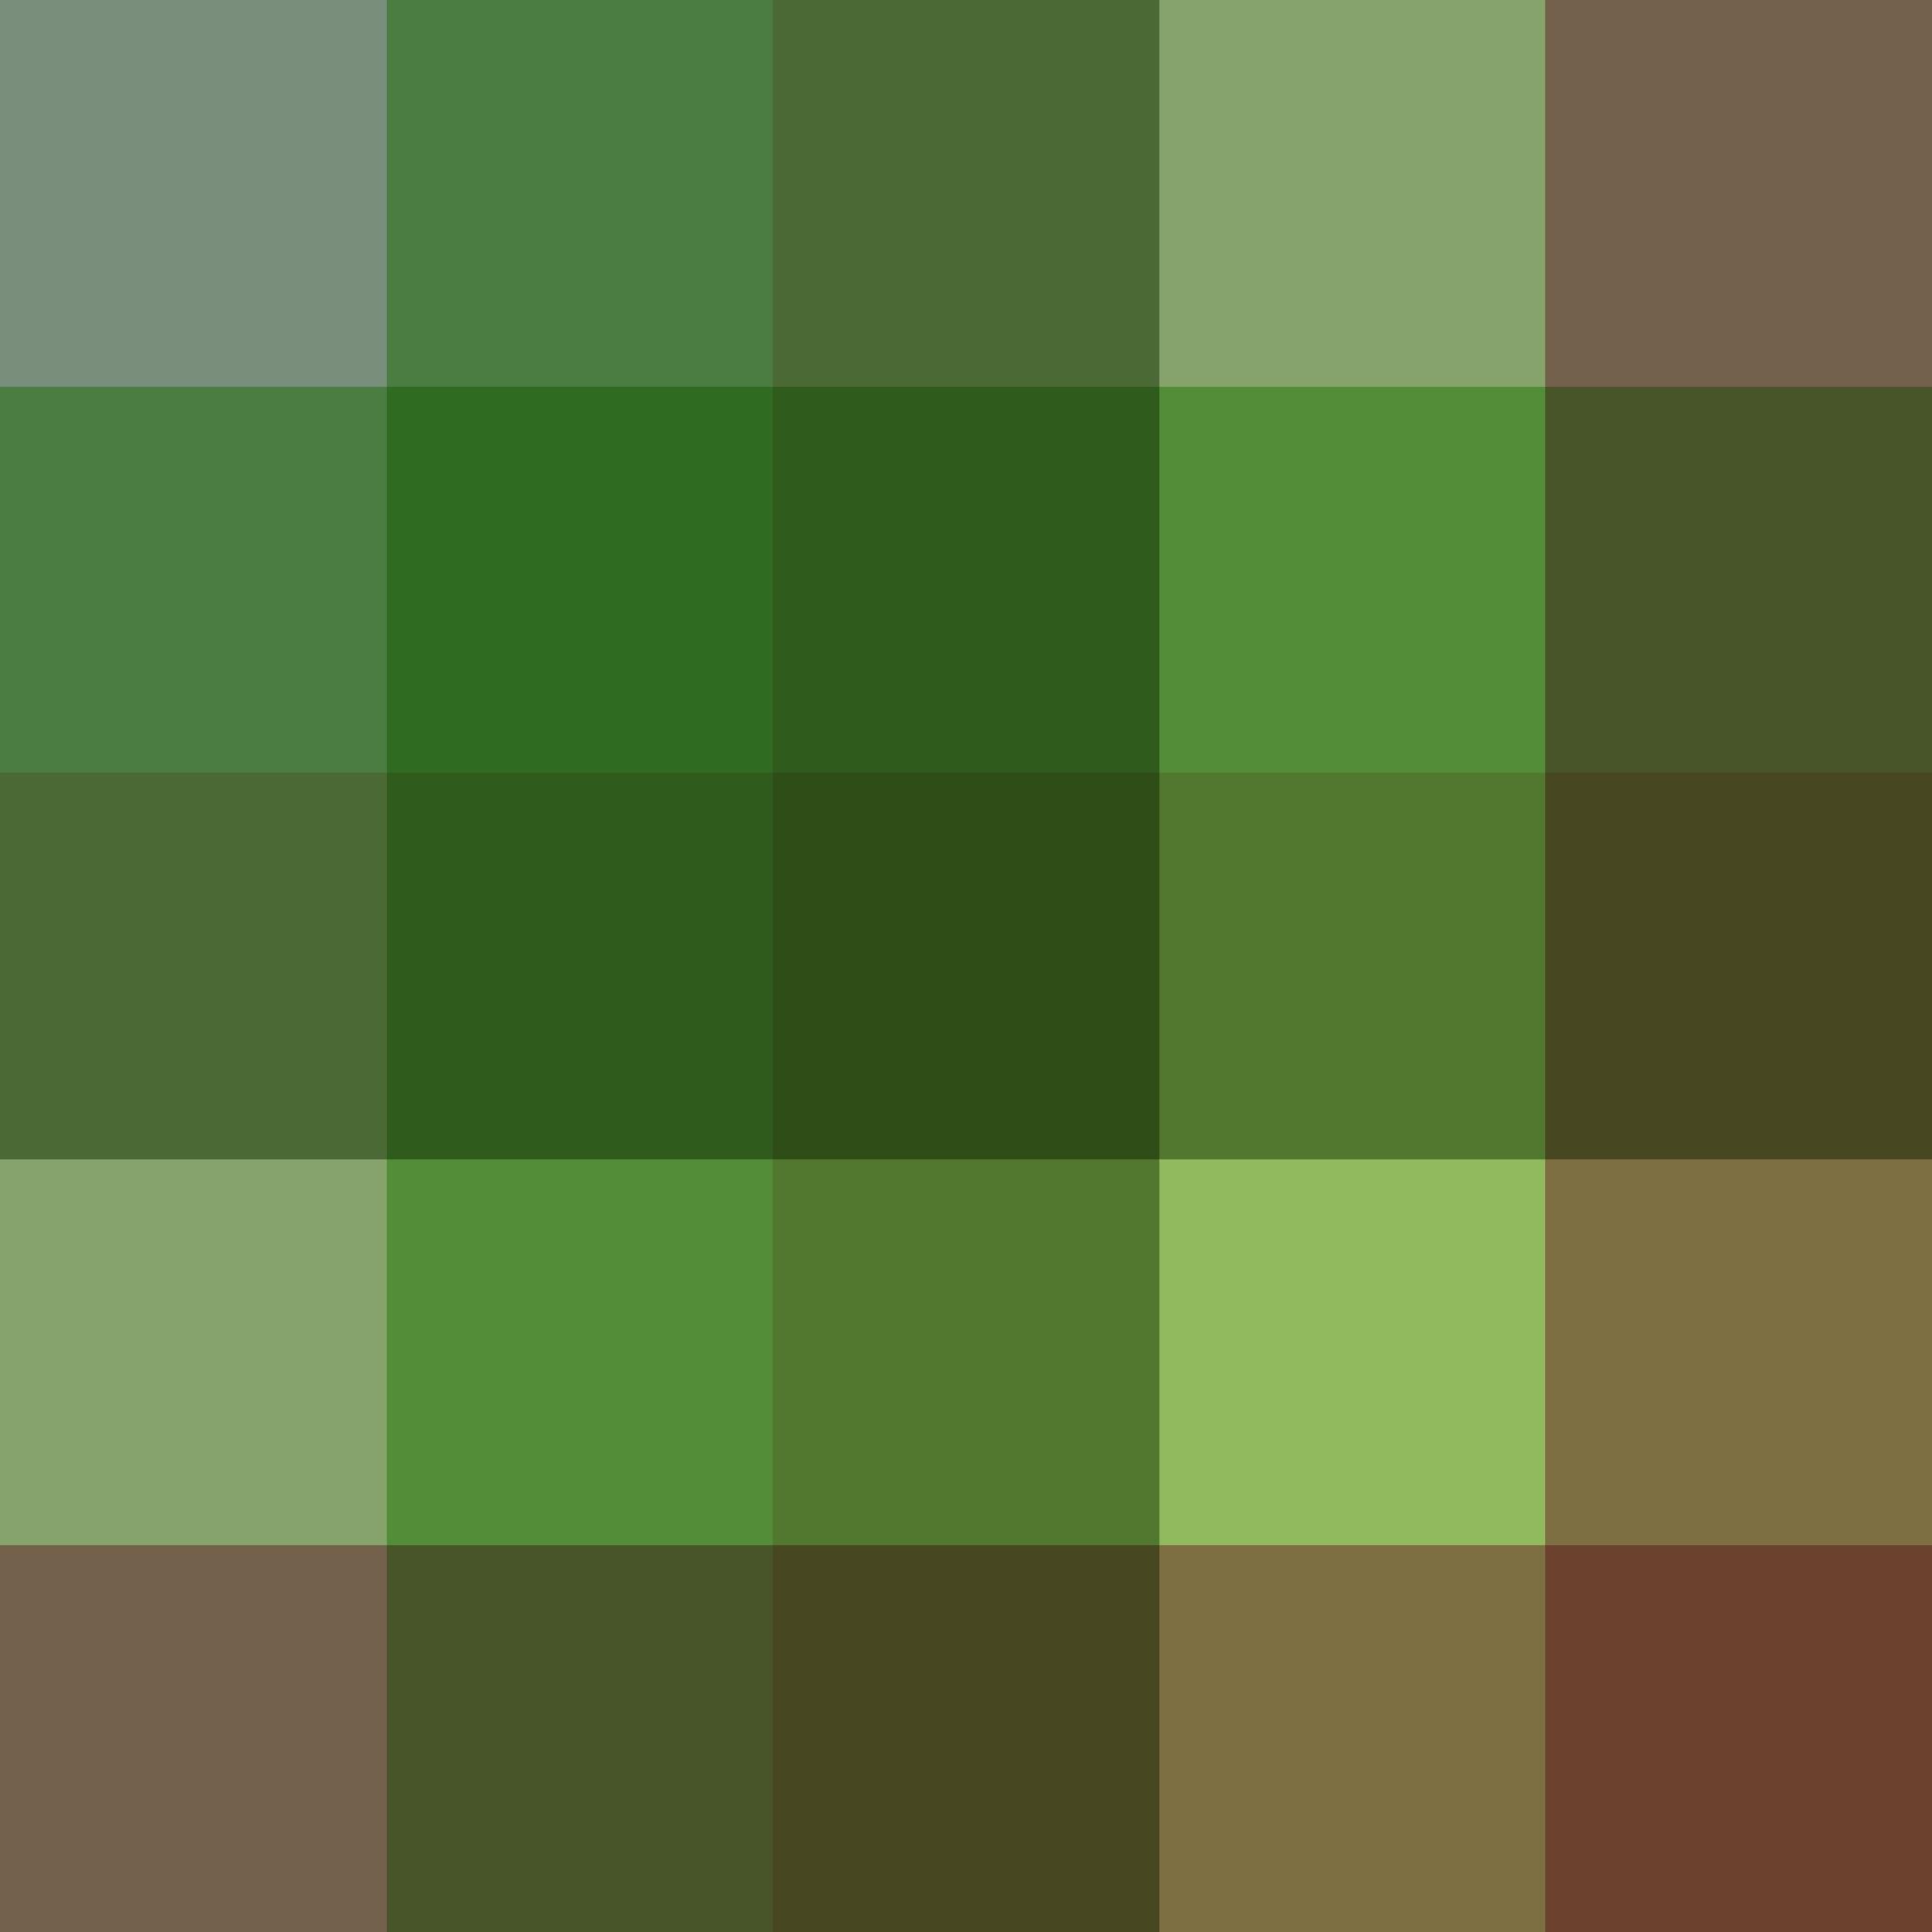 картинки в зеленом и коричневом цвете работу над